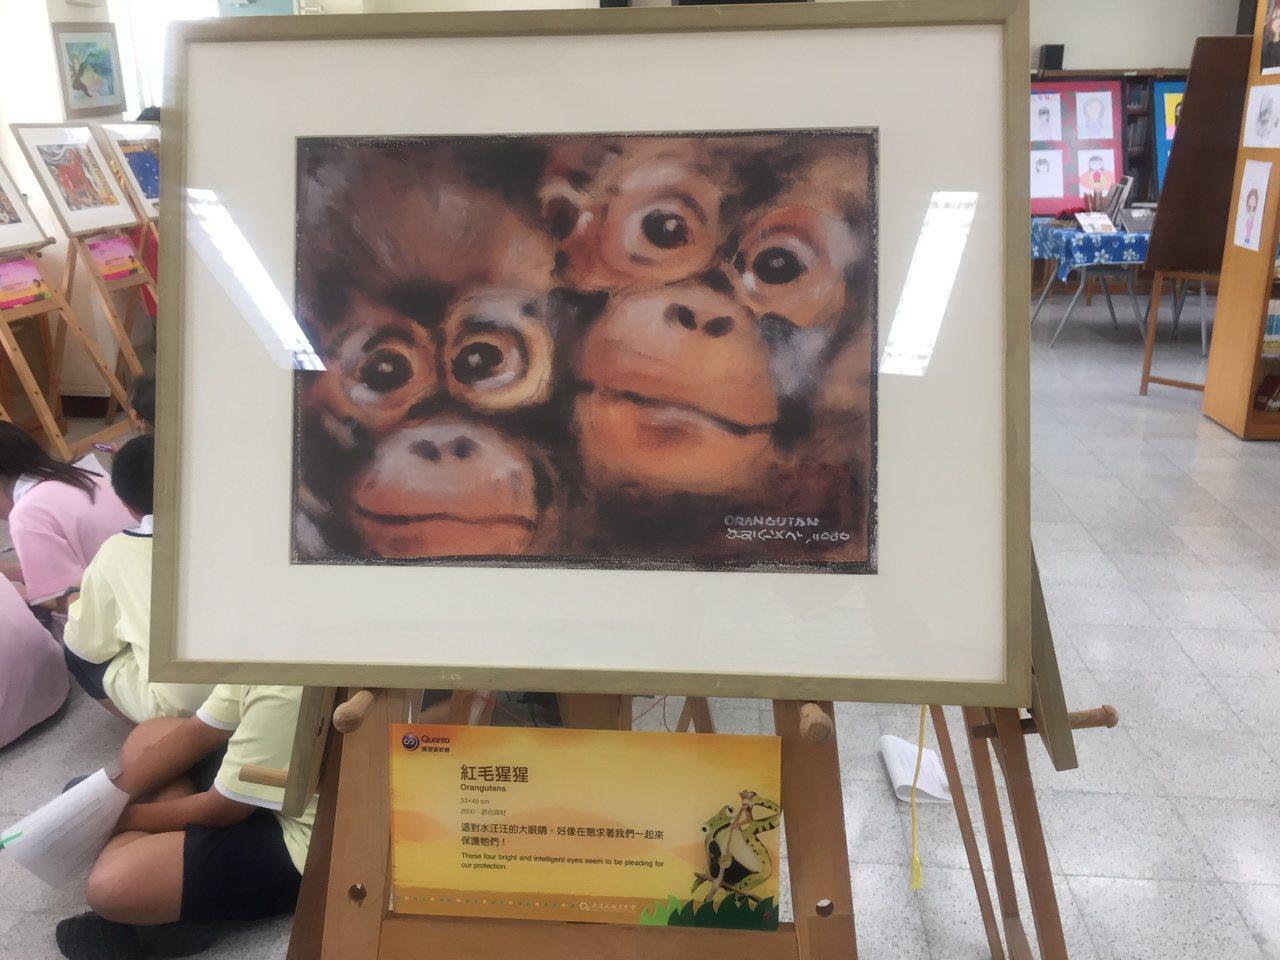 劉其偉紅毛猩猩畫作。記者吳政修/攝影